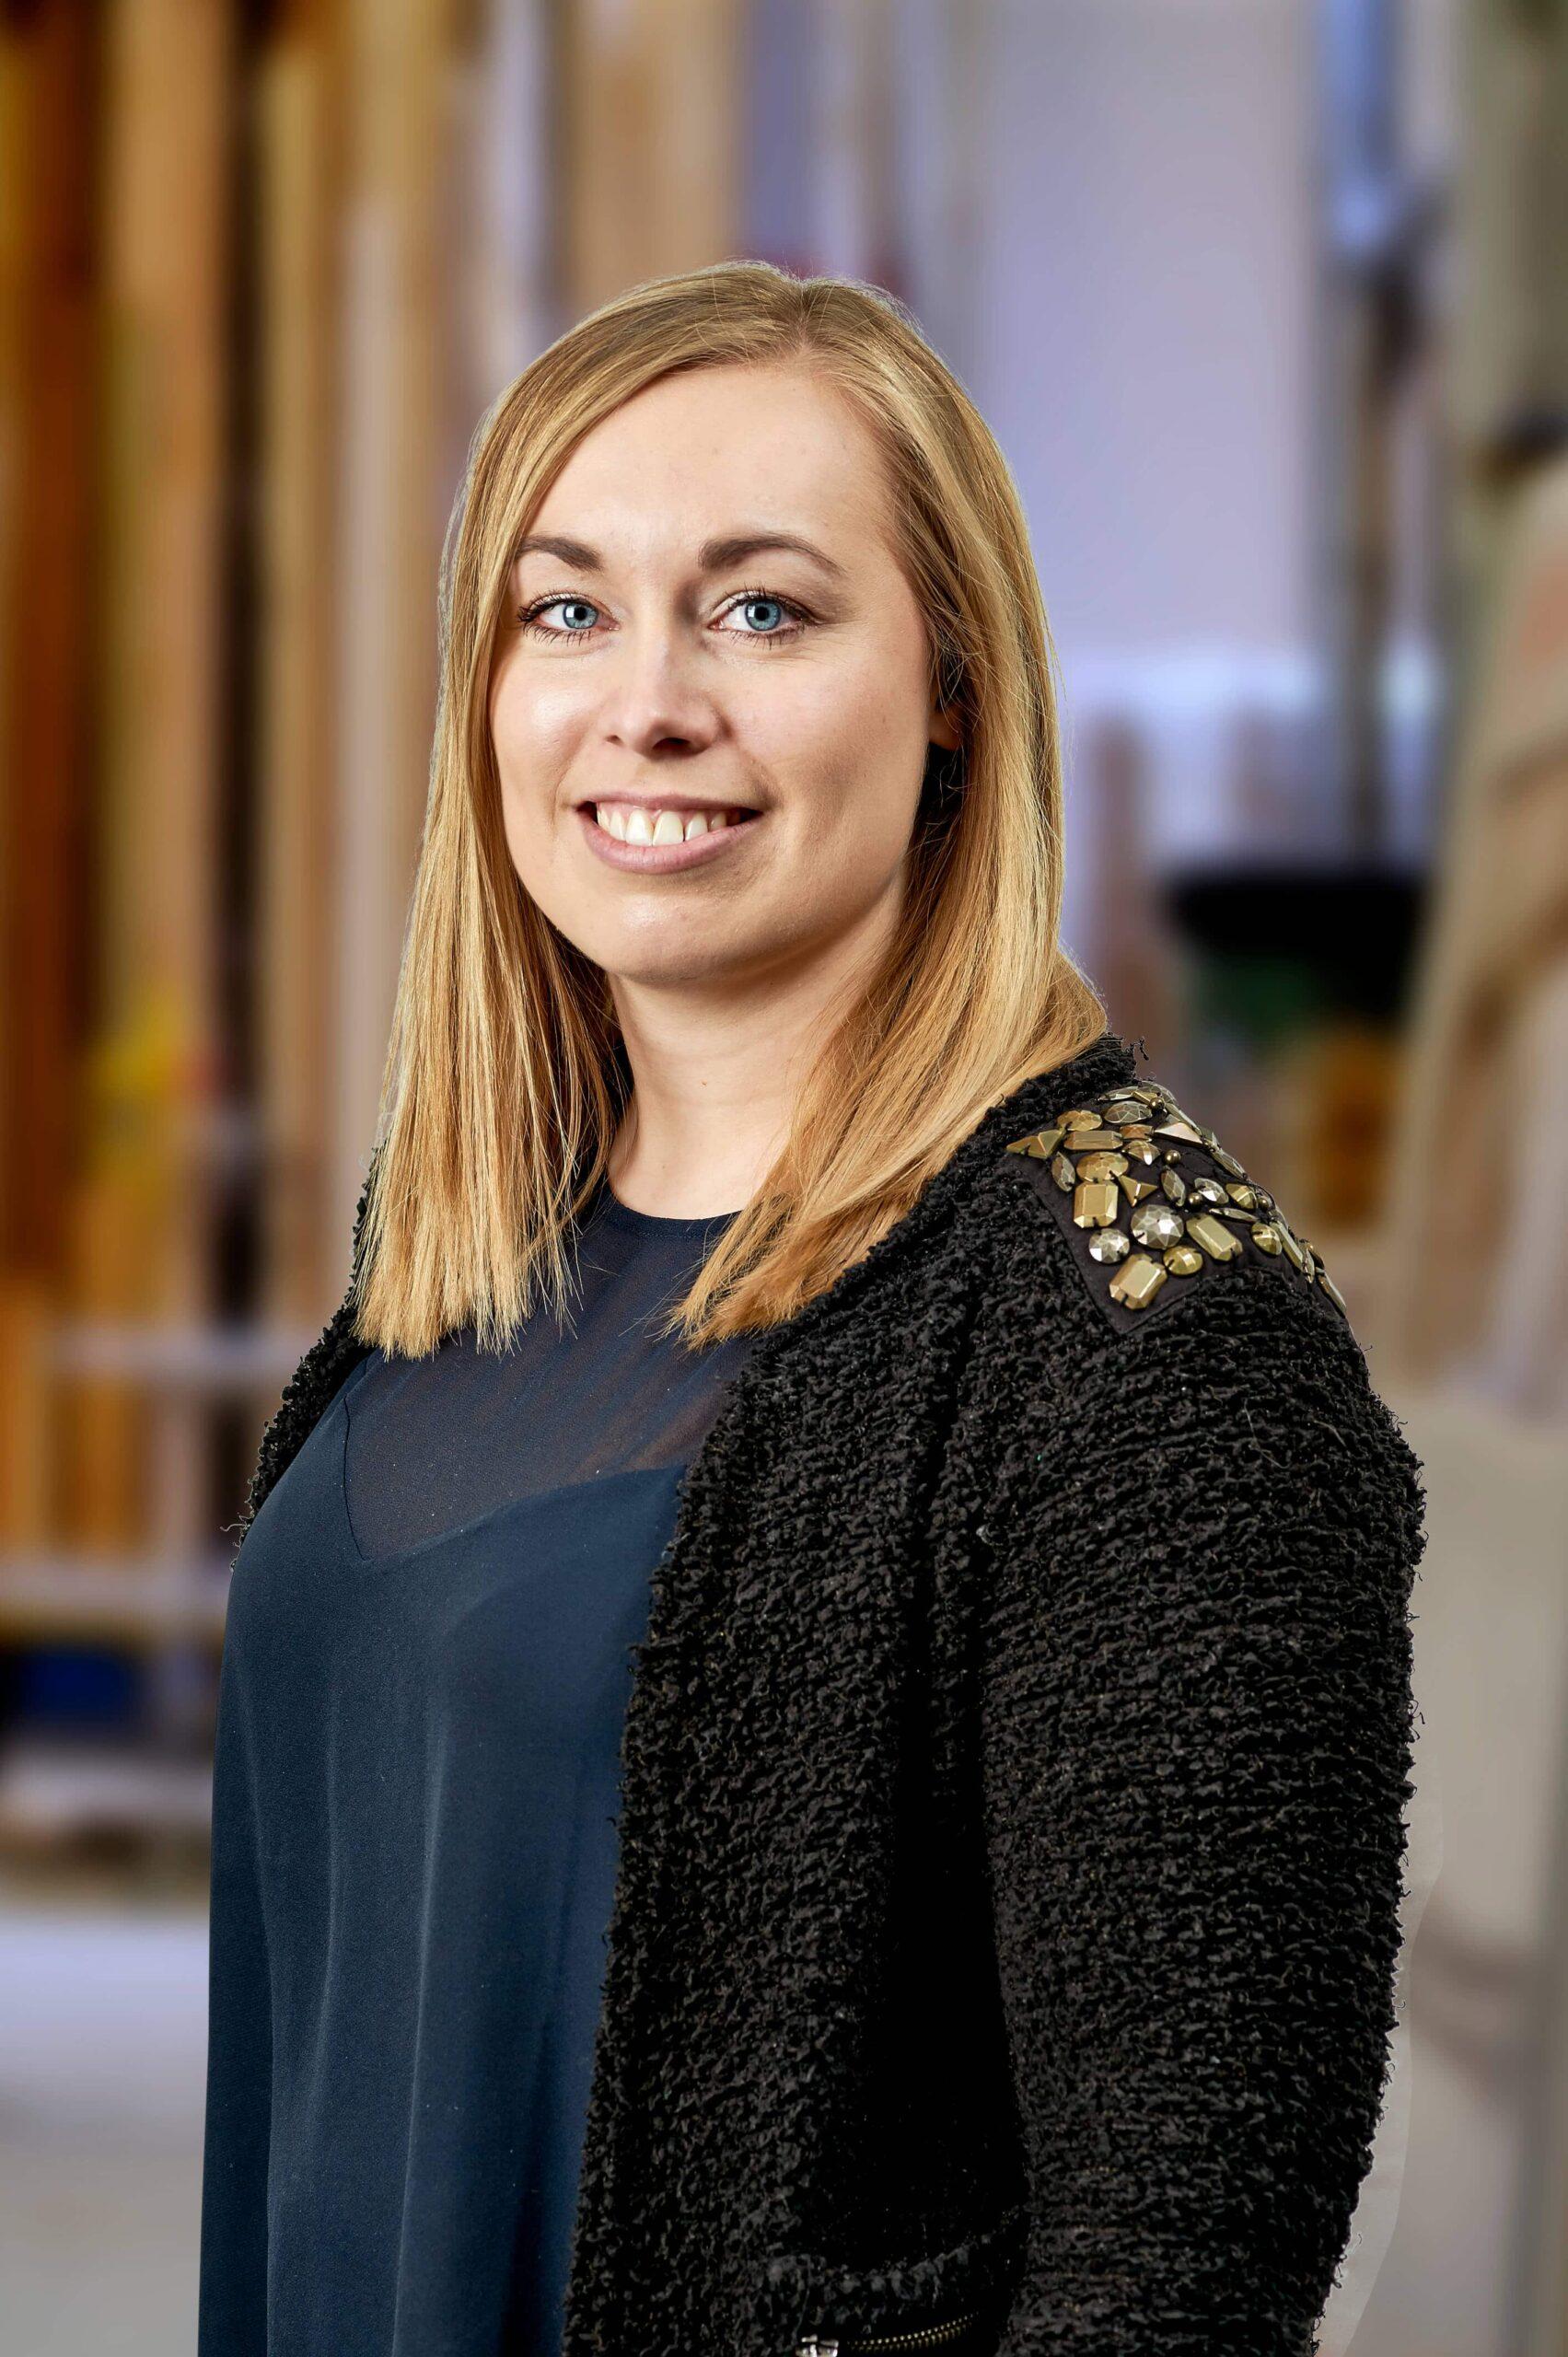 Helene Bech Moestrup